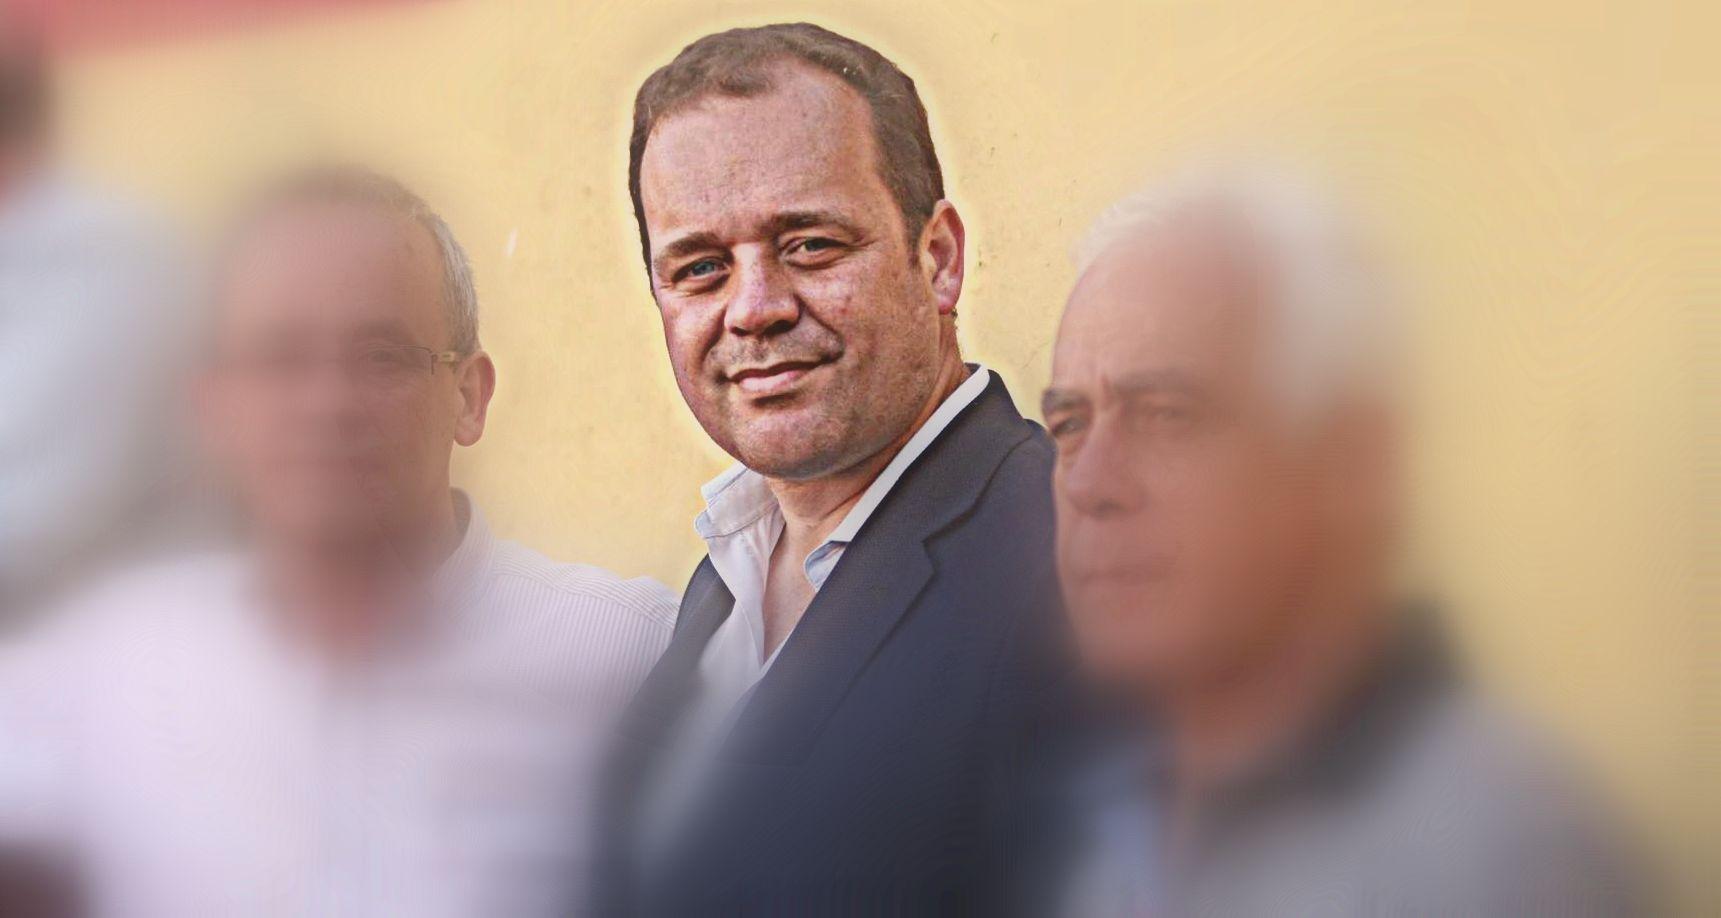 Ricardo Levesinho